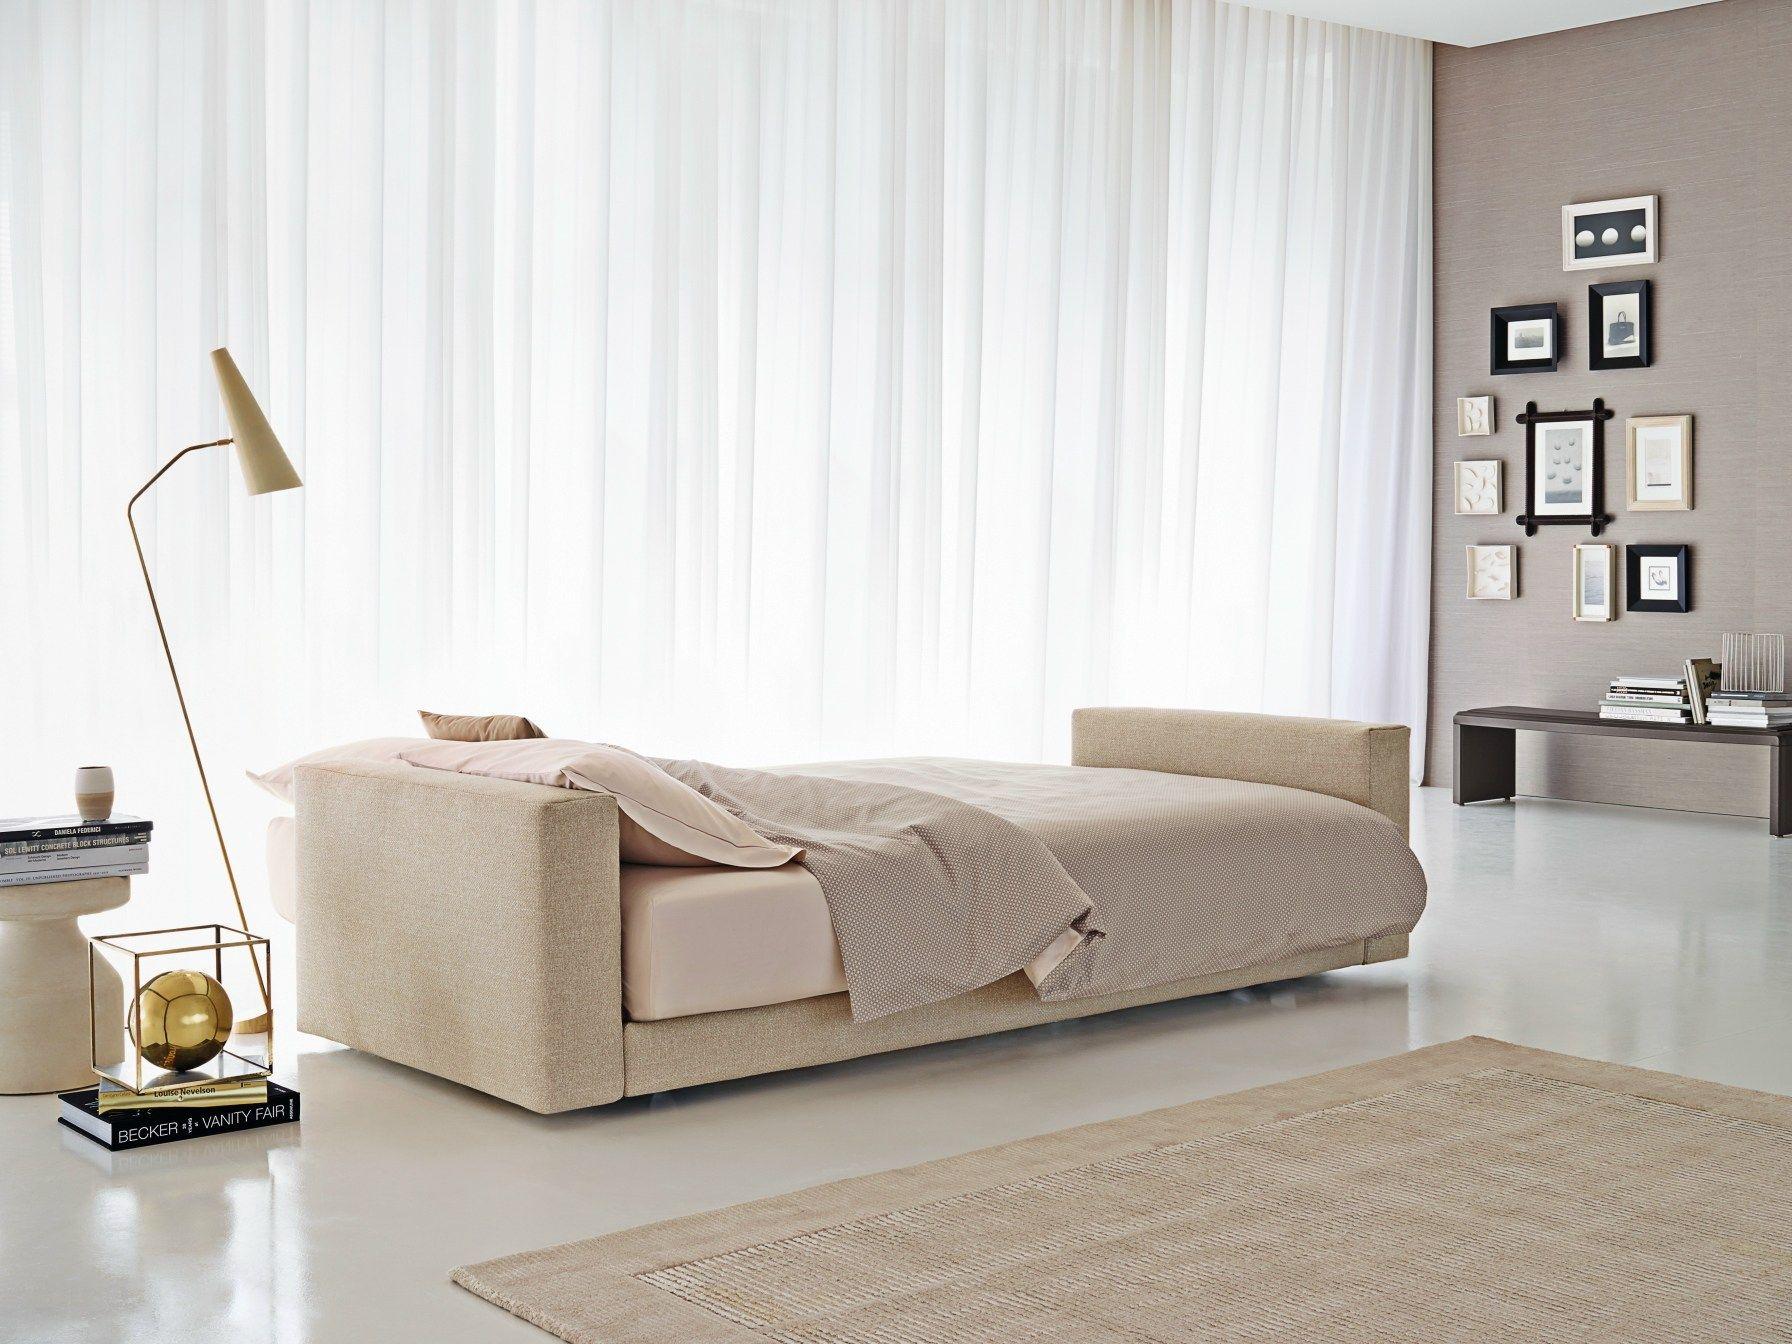 Cerco divano letto top divano letto dechy con bracciolo modern with cerco divano letto awesome - Cerco divano angolare ...